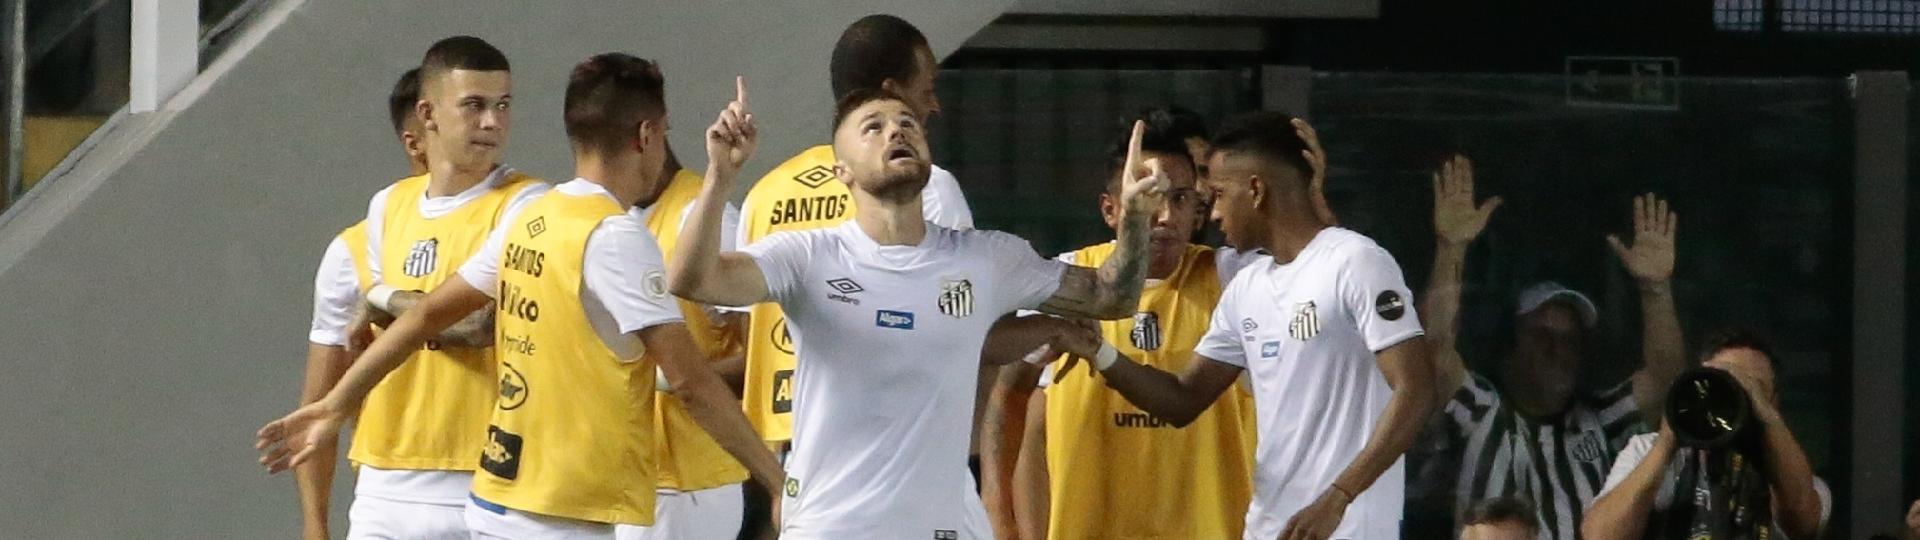 Sasha comemora gol do Santos contra o Fluminense